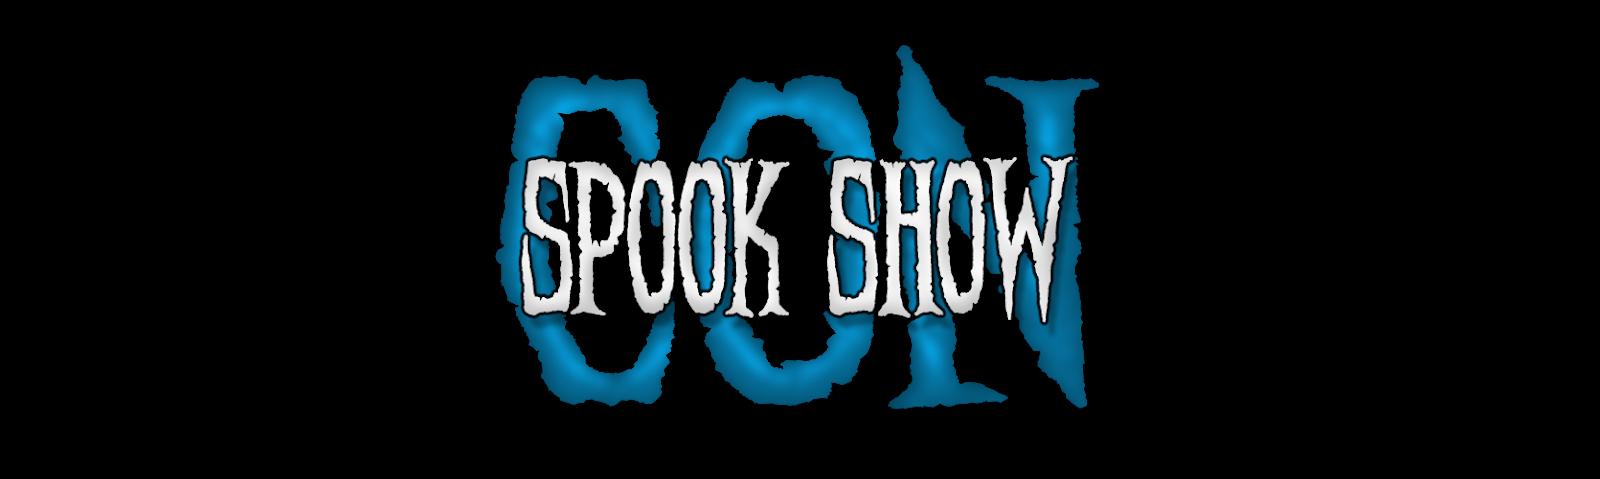 Spook Show Con